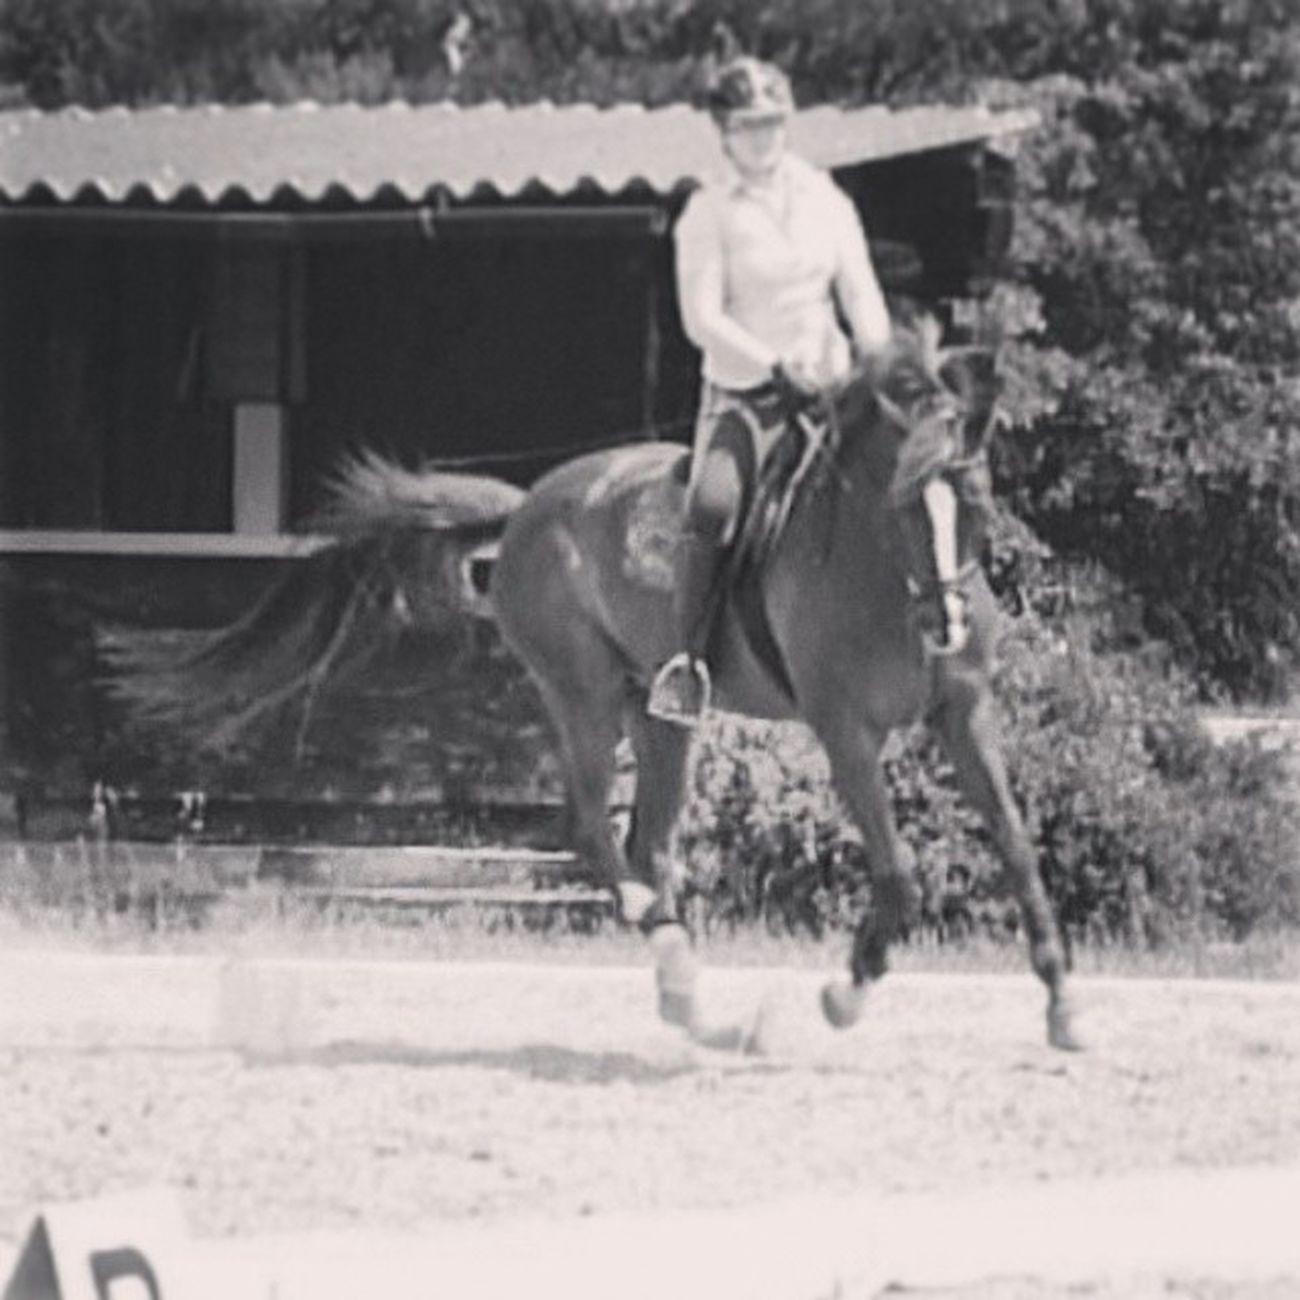 Dressur Galopp Gangart Dressurstunde ReitunterrichtSommerPferdHorseDressageDressurpferdDressurreitenTrakehnerWallachFlashOvermeiner191111schöneZeithartesTrainingChampionfollow4followspam4spam Ein Tanz zwischen Pferd und Reiter